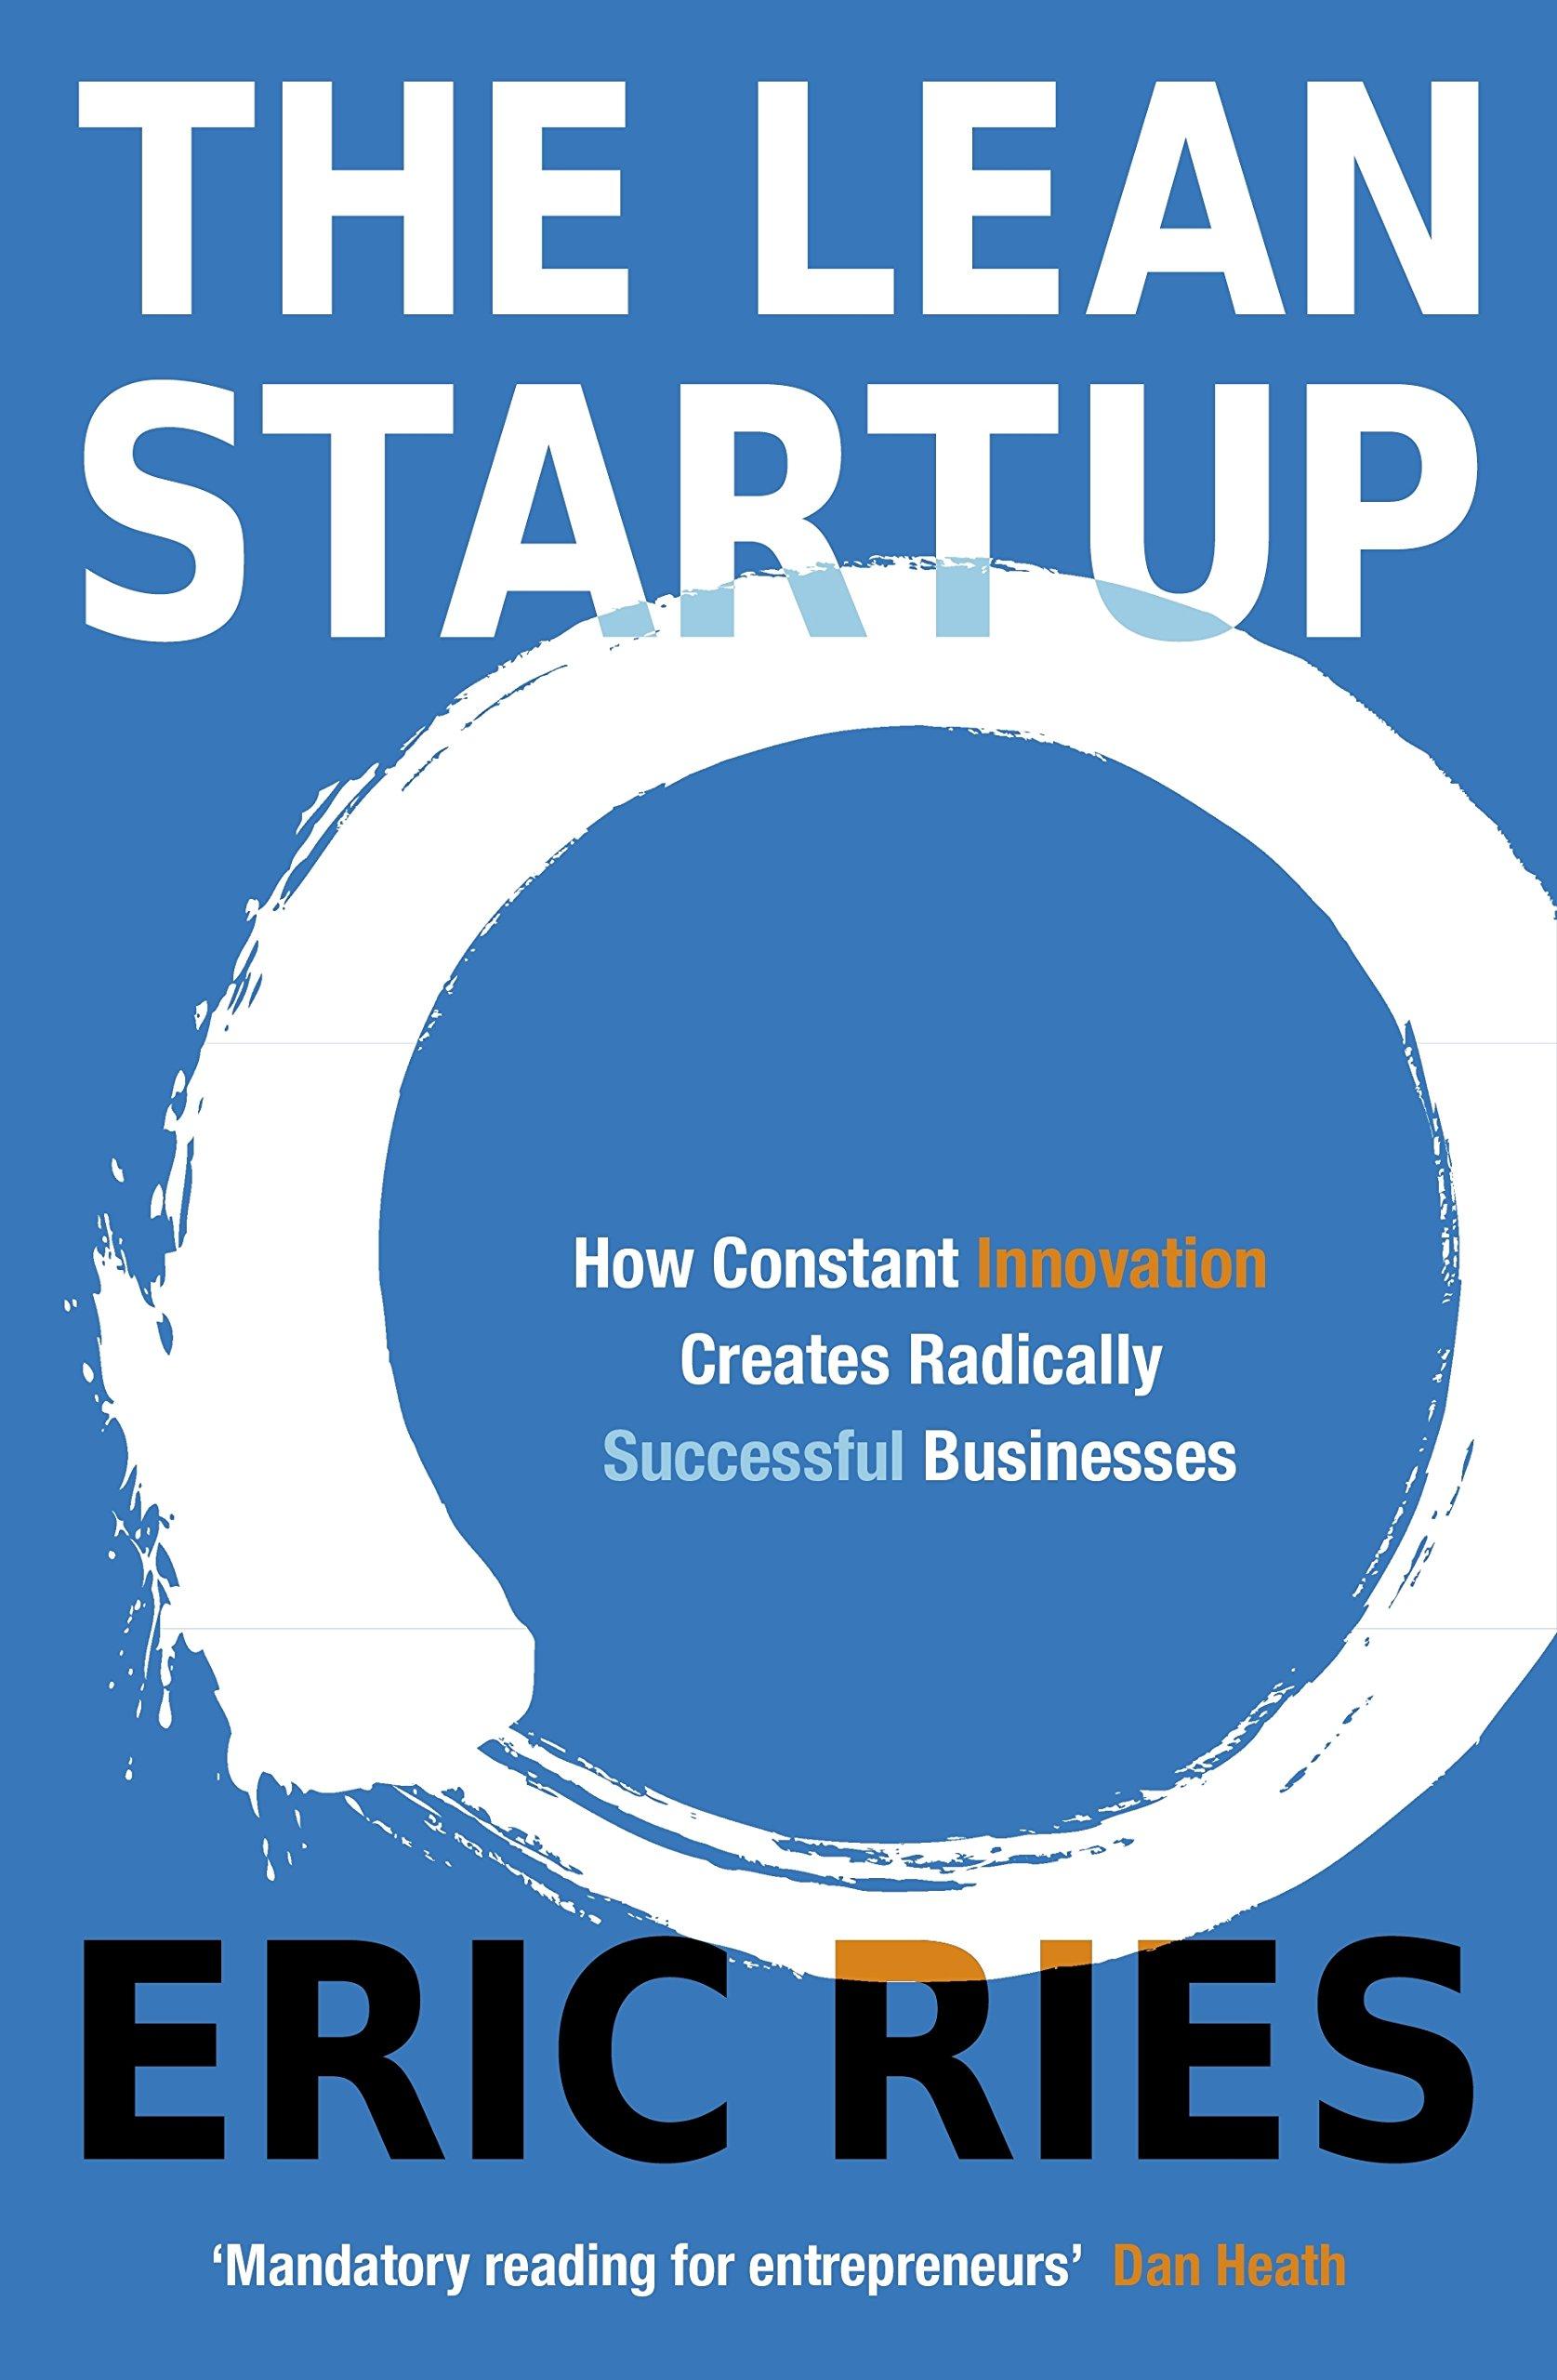 The Lean Startup - books for entrepreneurs